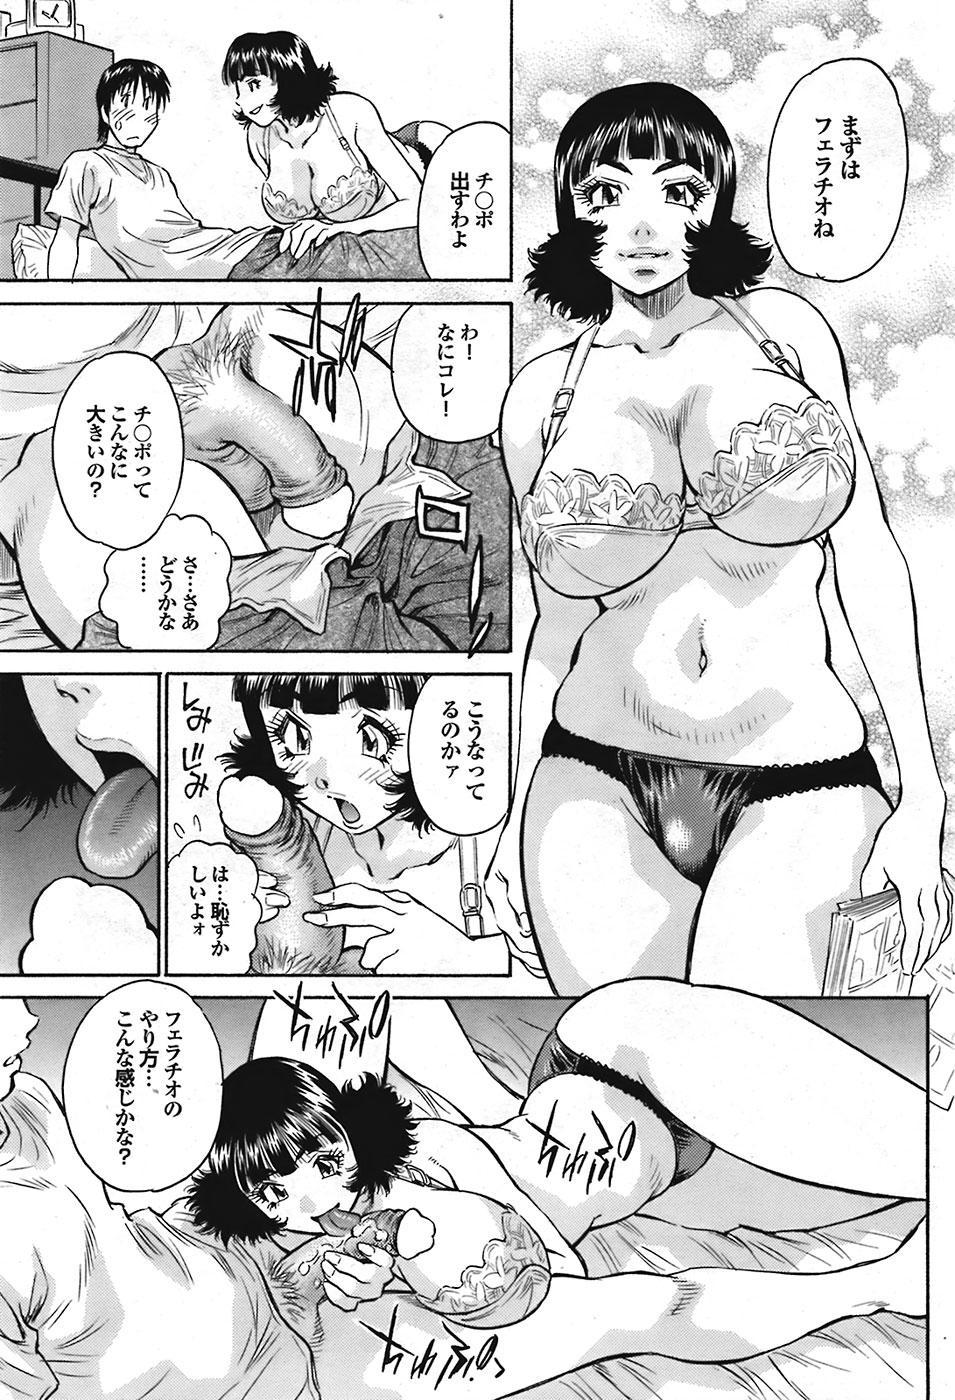 Comic Purumelo 2008-10 Vol.22 79